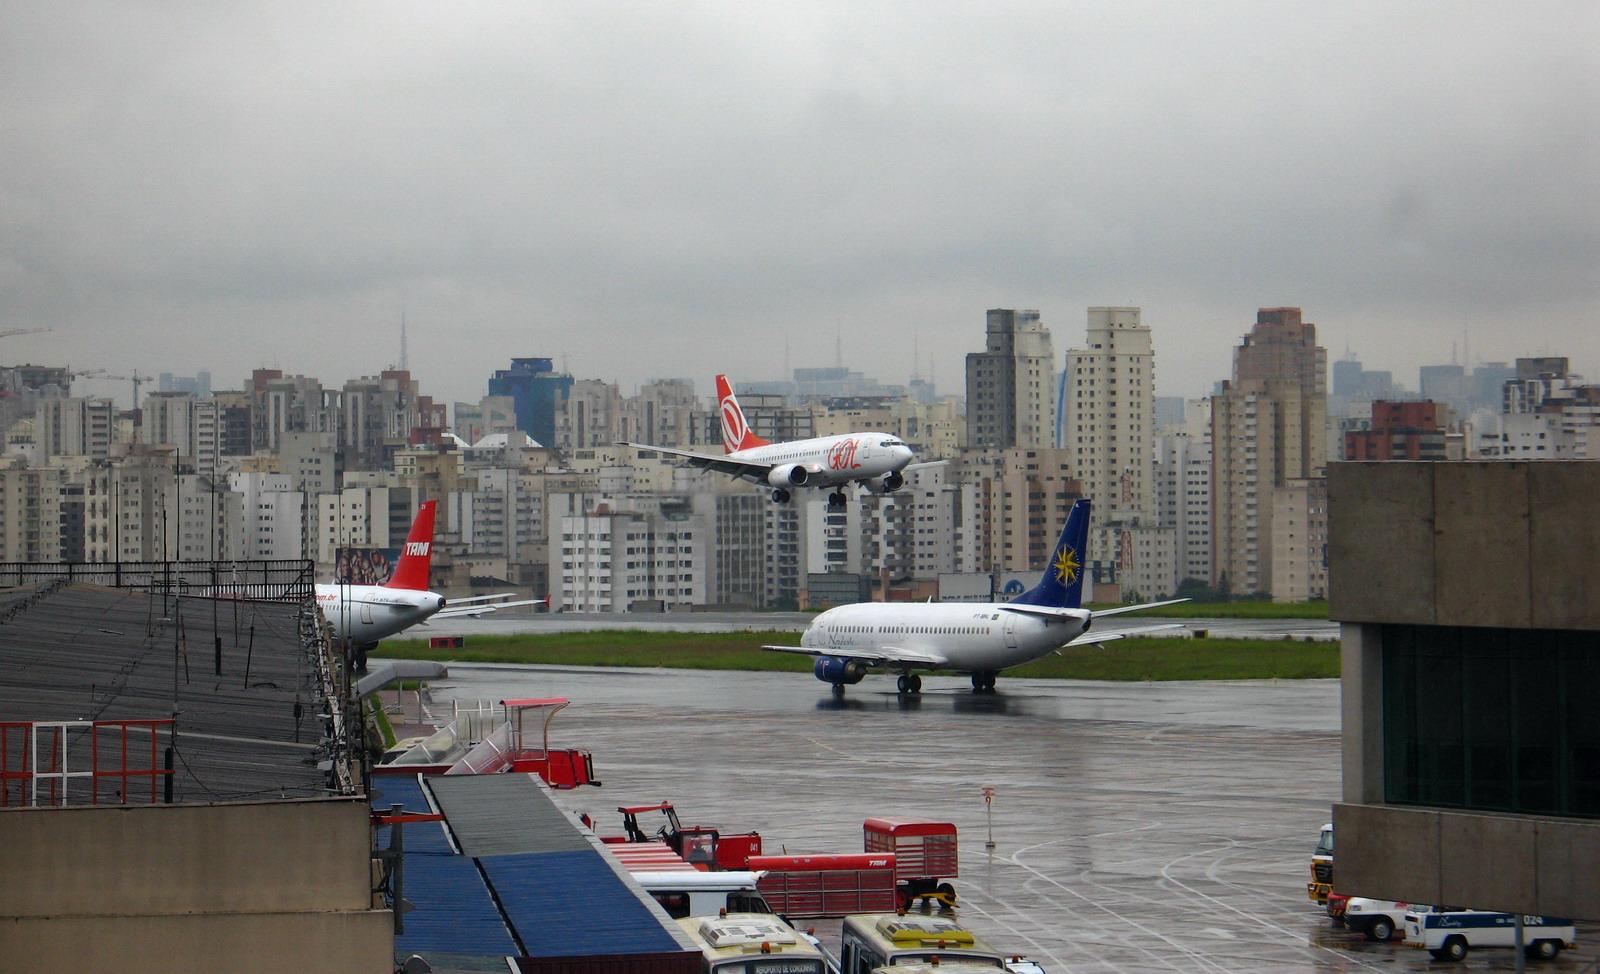 Посадка в аэропорту Конгоньяс (Сongonhas) в городе Сан-Паулу в Бразилии